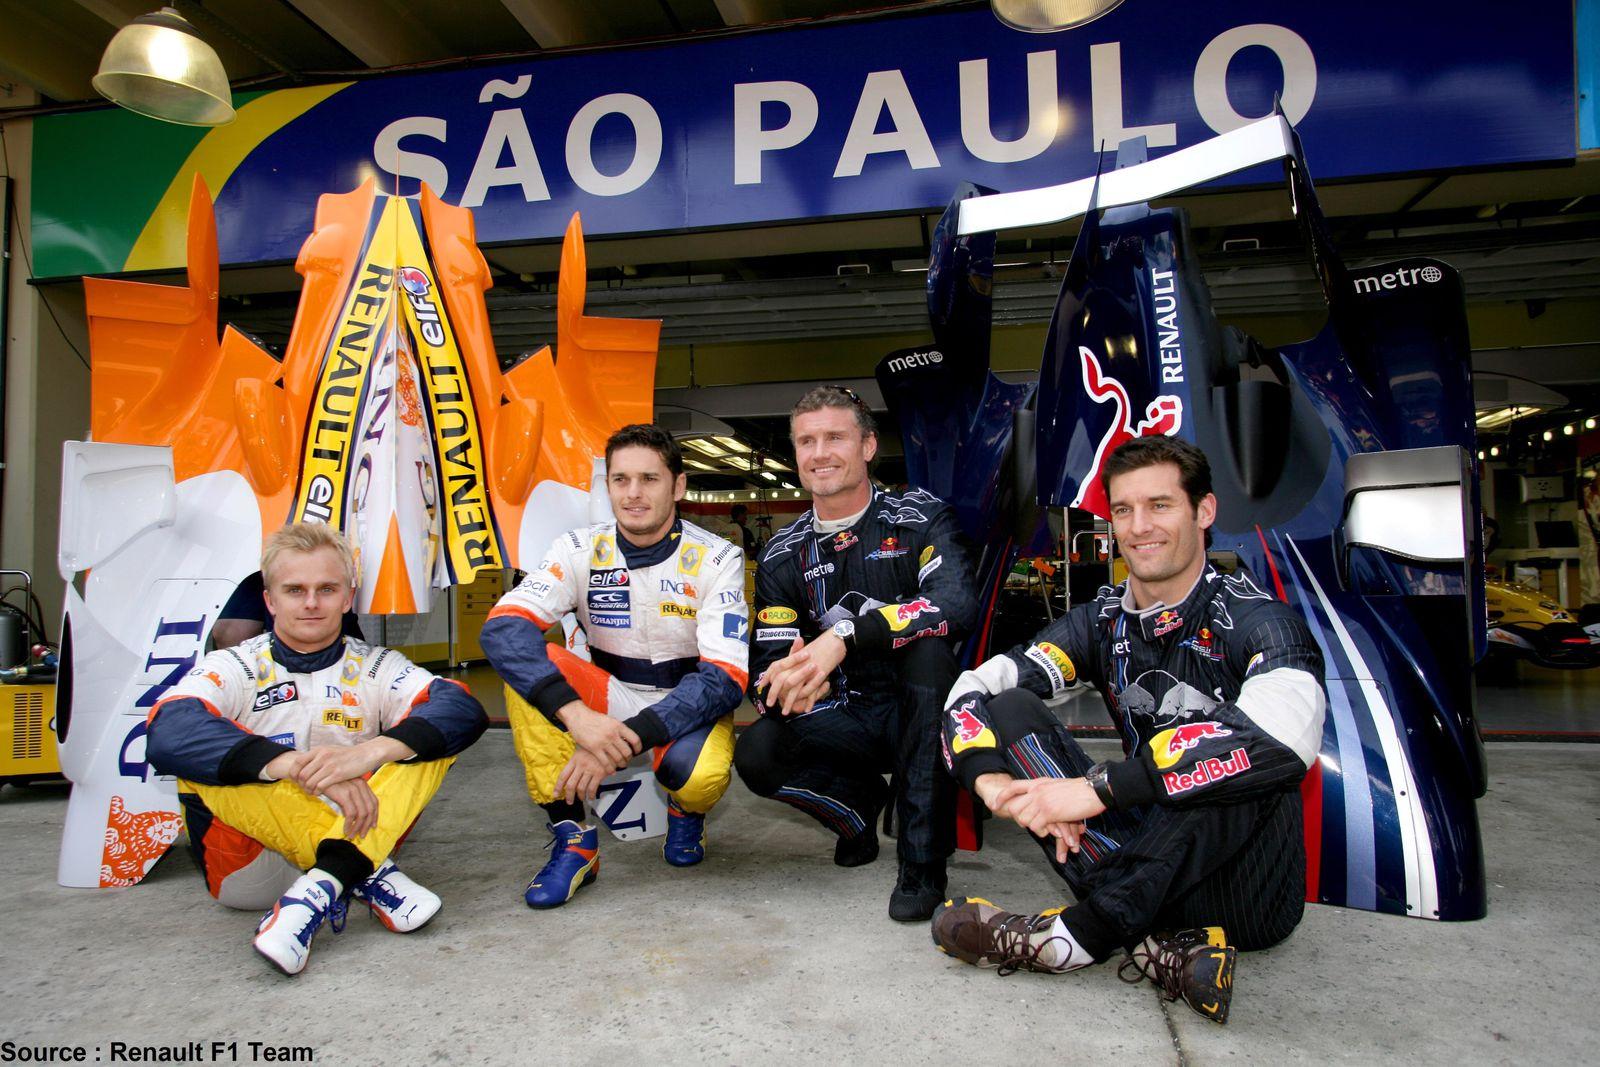 Album - Renault